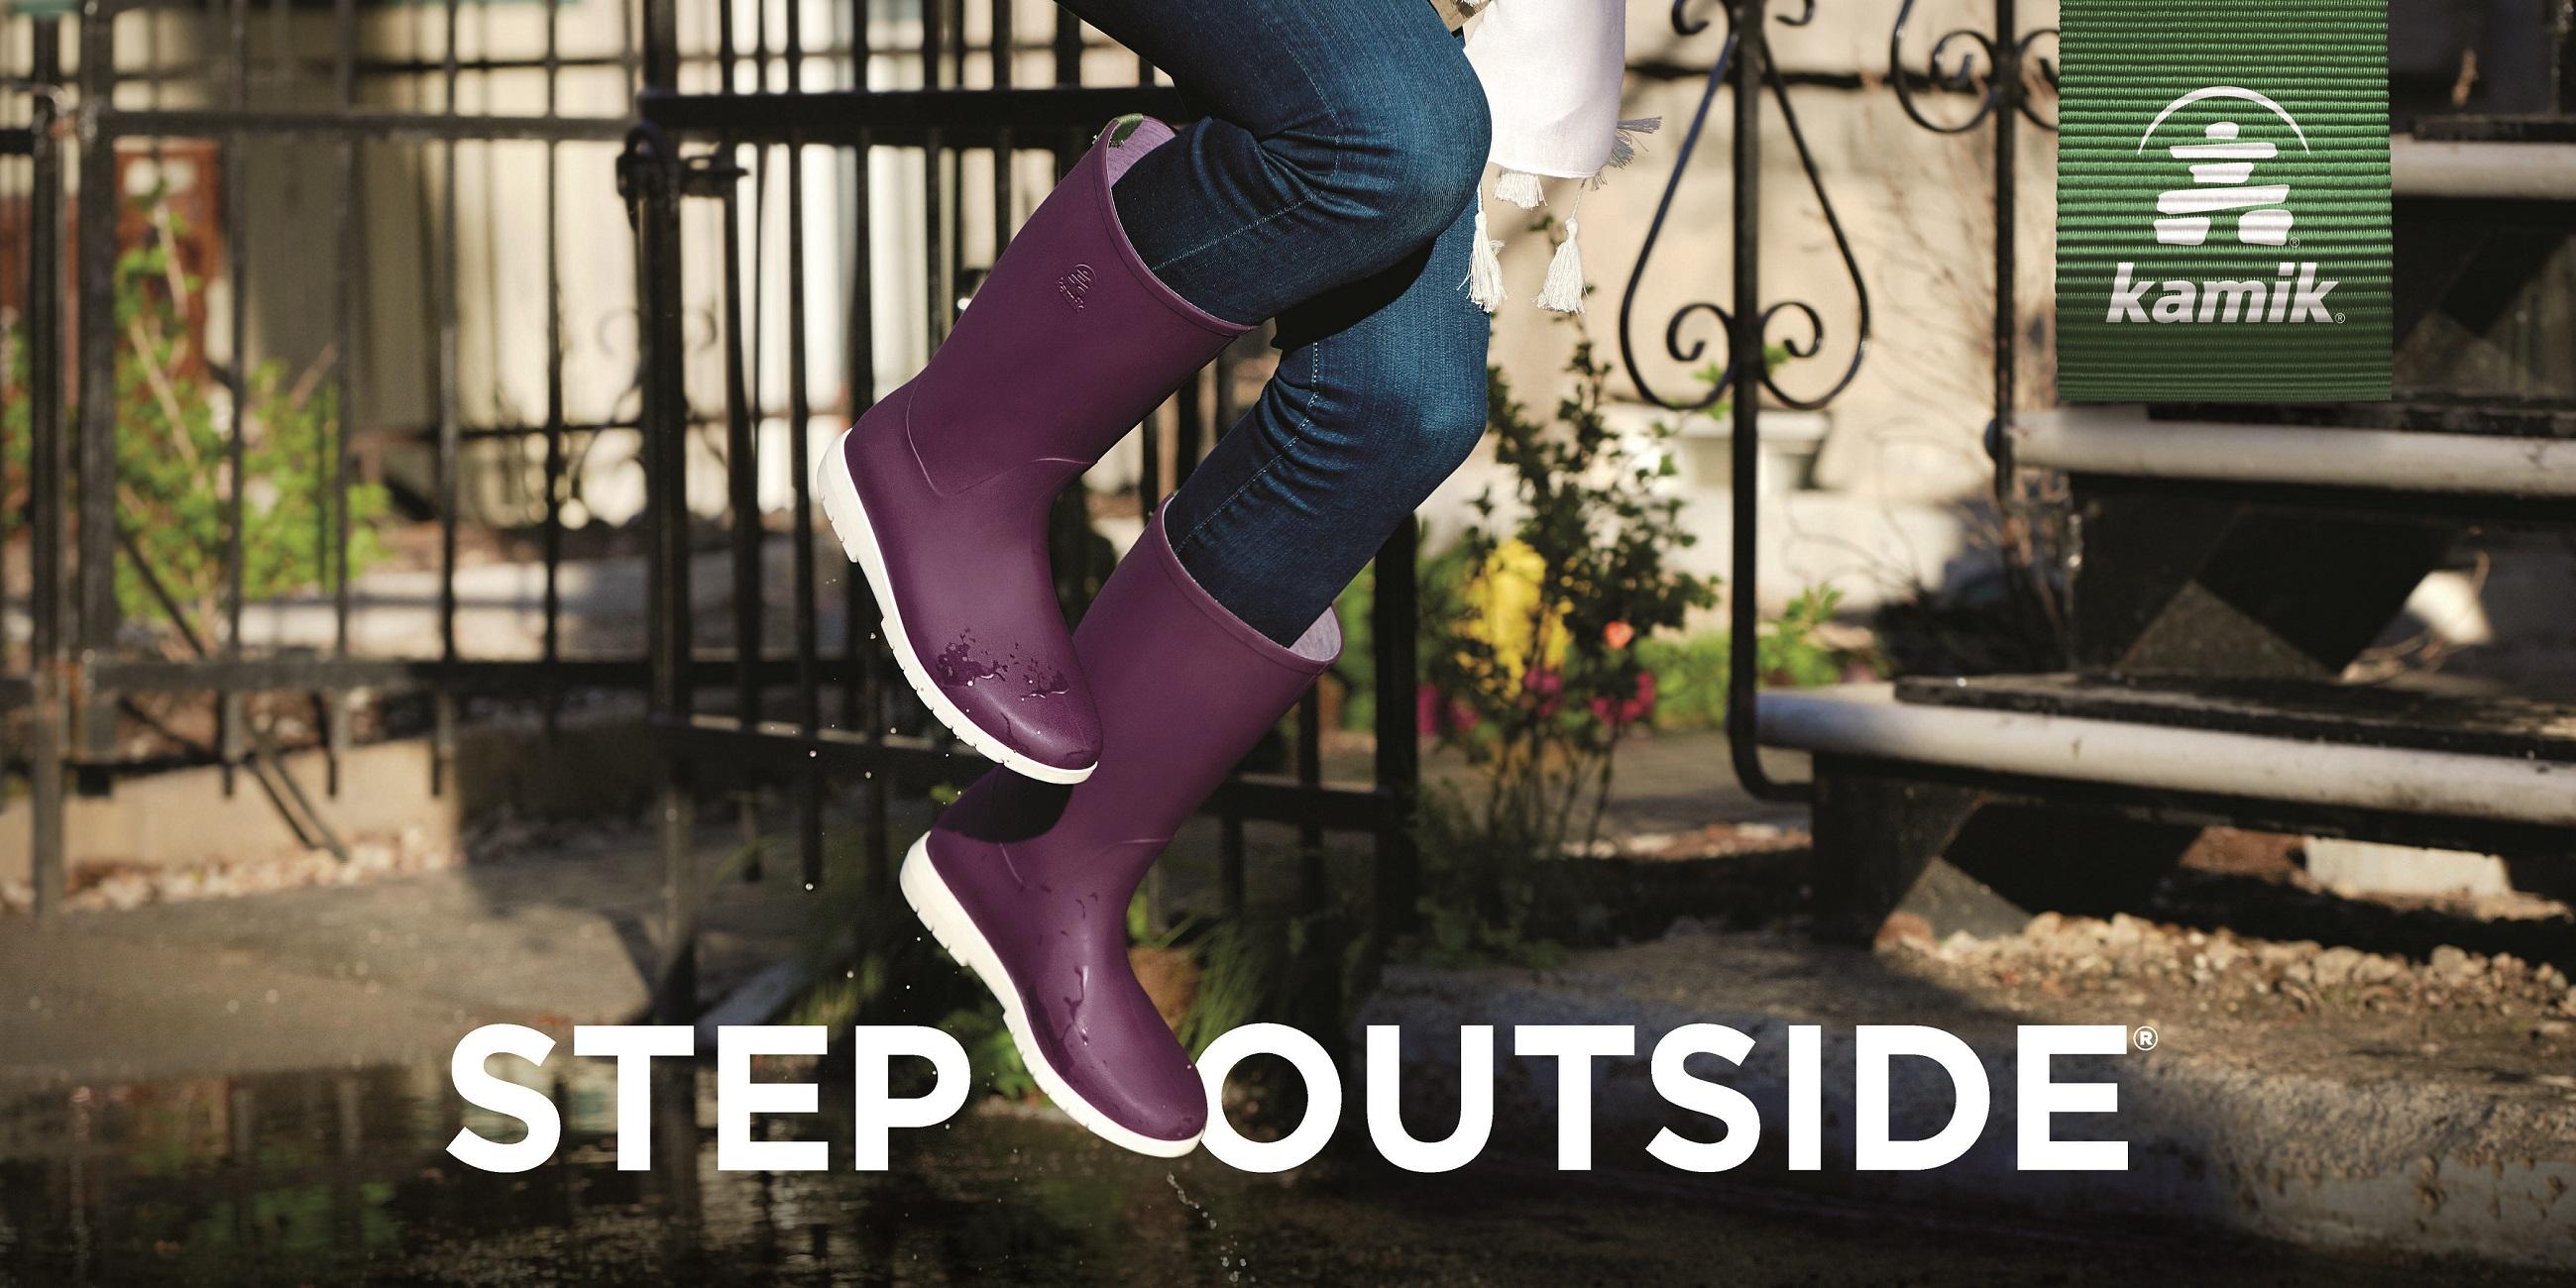 夏日雨季到   又是時候揀對靚鞋去街!